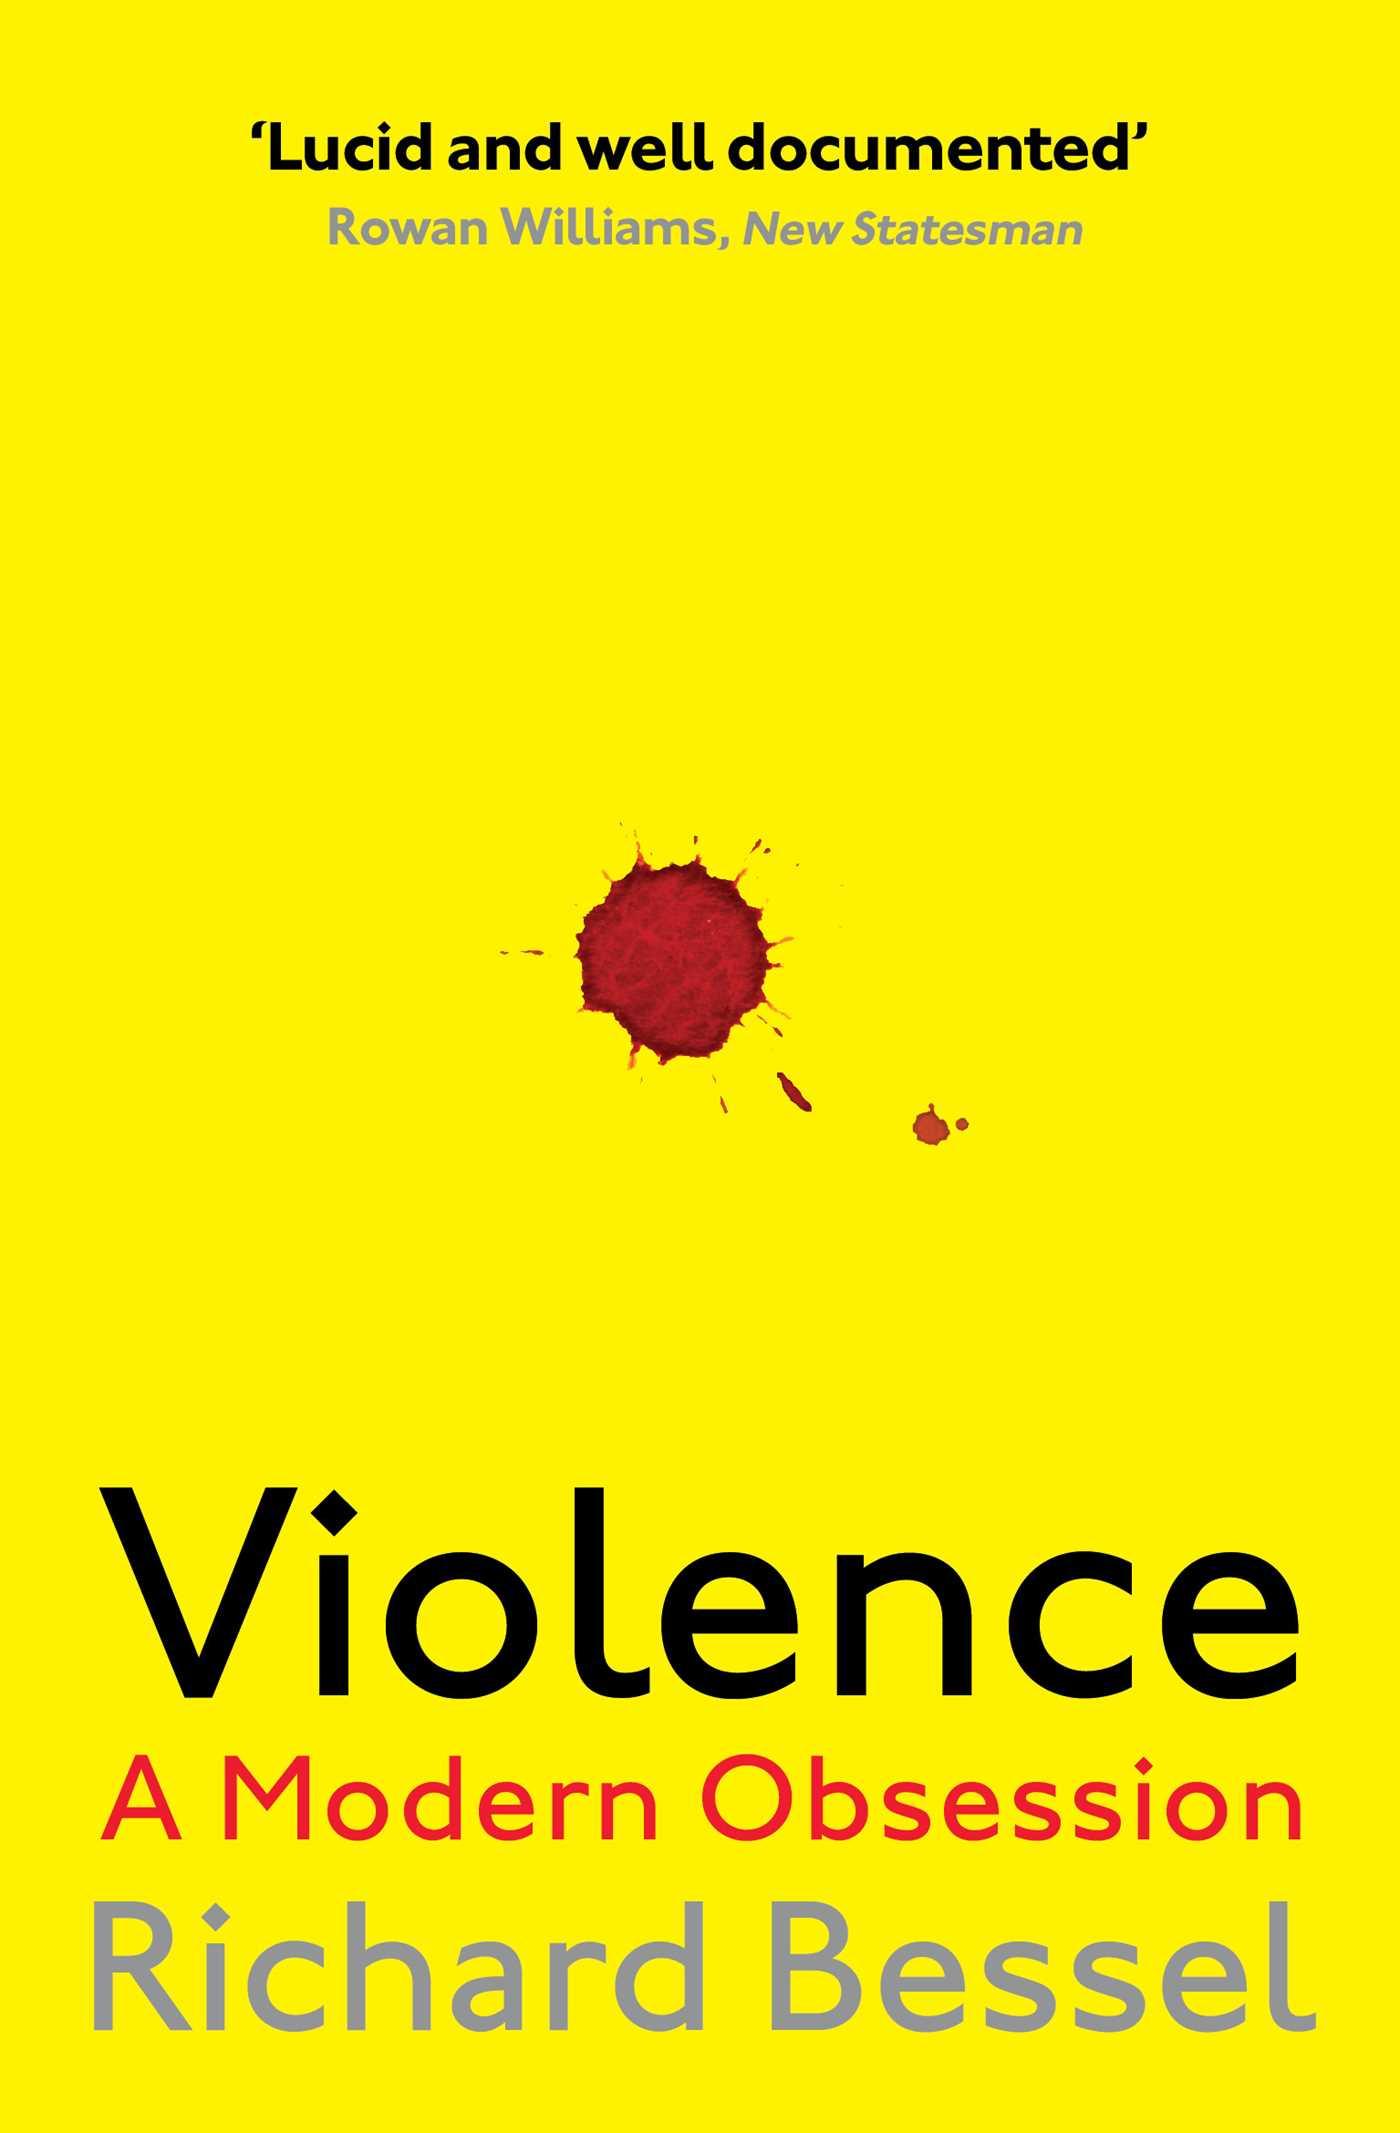 Violence 9781471147920 hr